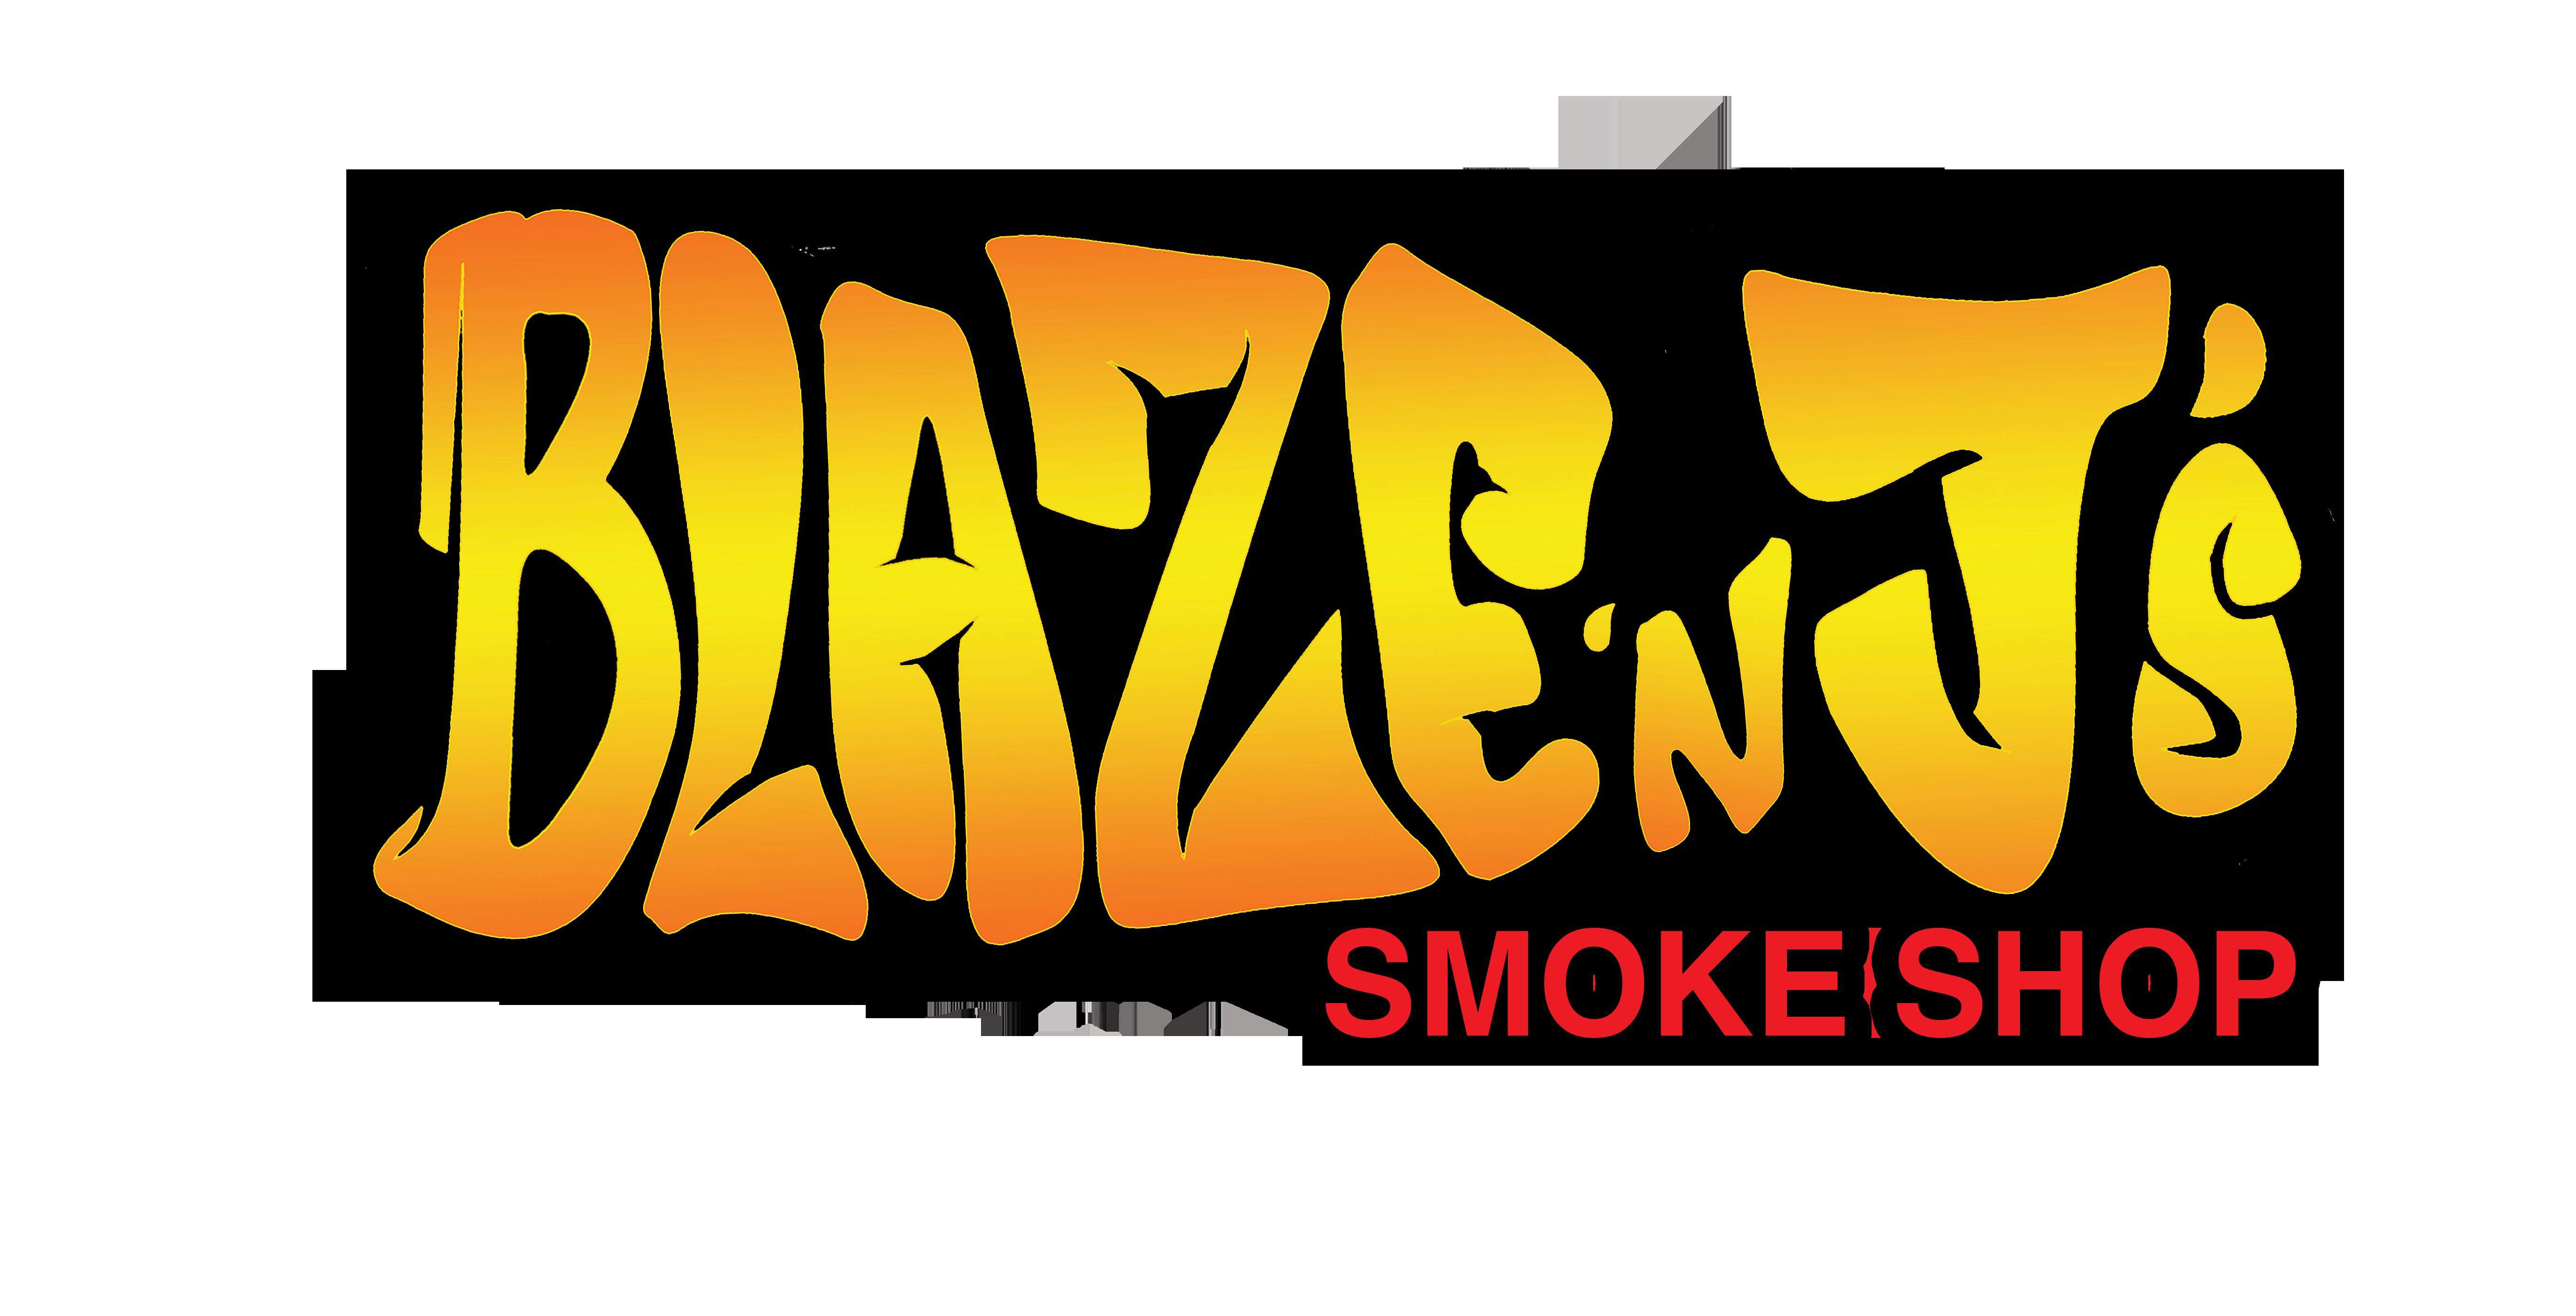 blaze-n-js-sign-3x6-copy.png